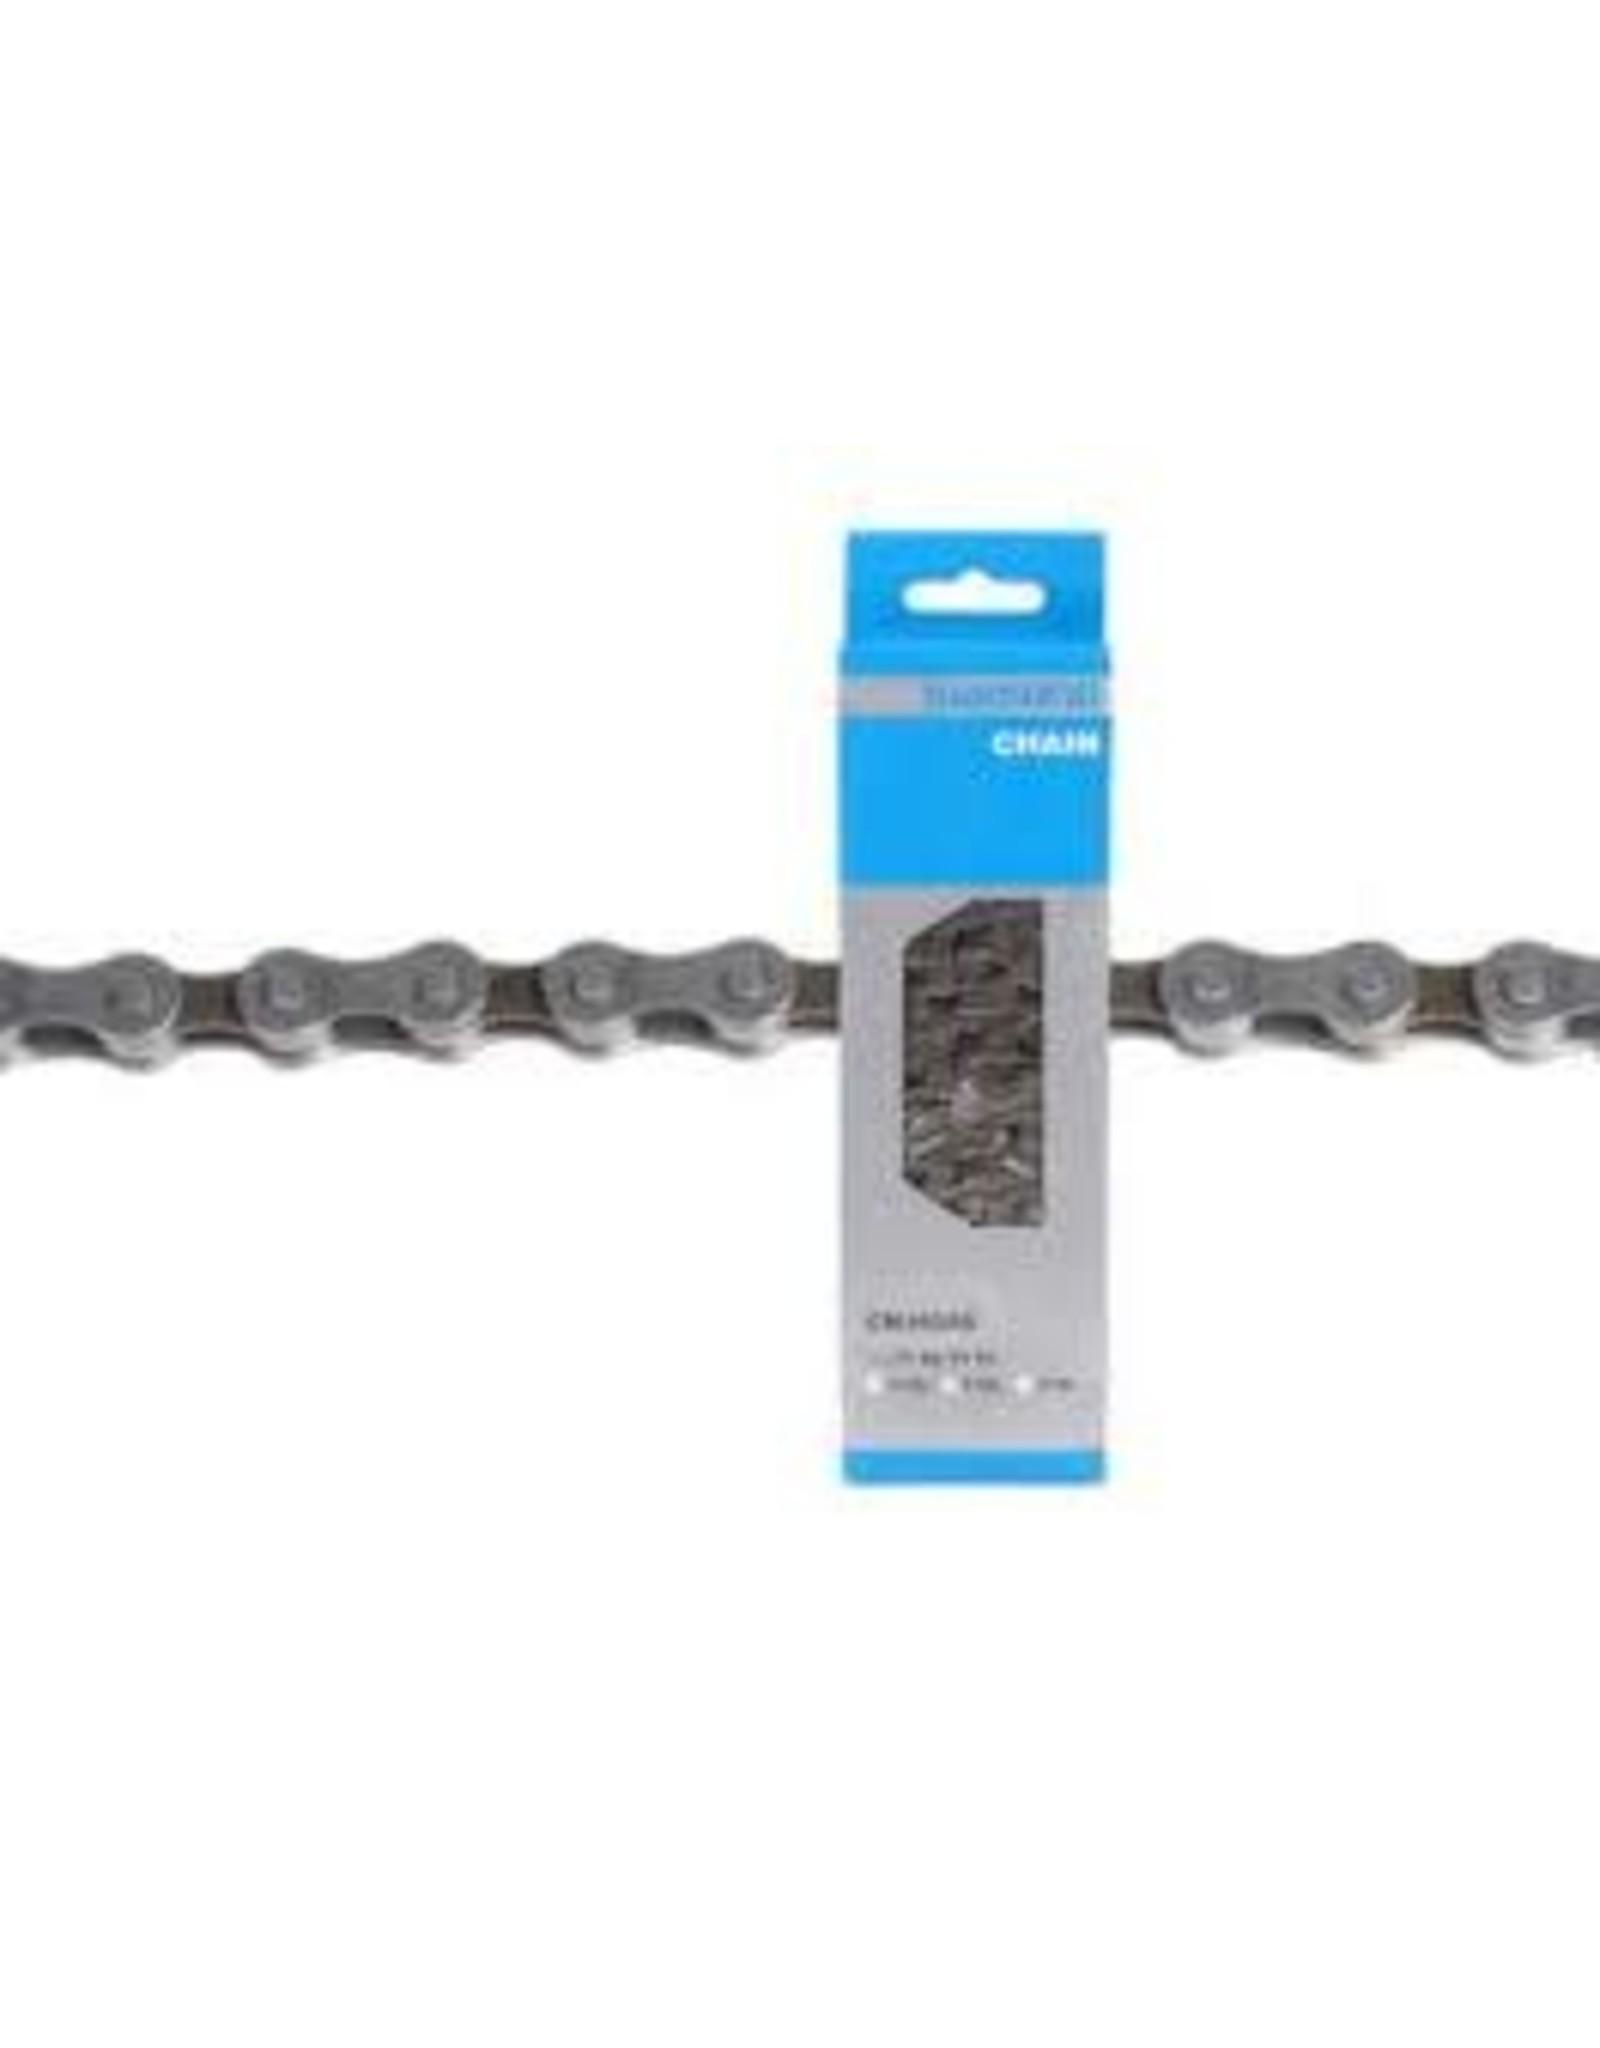 Shimano Chain Shi HG-40 7/8spd Hyperglide